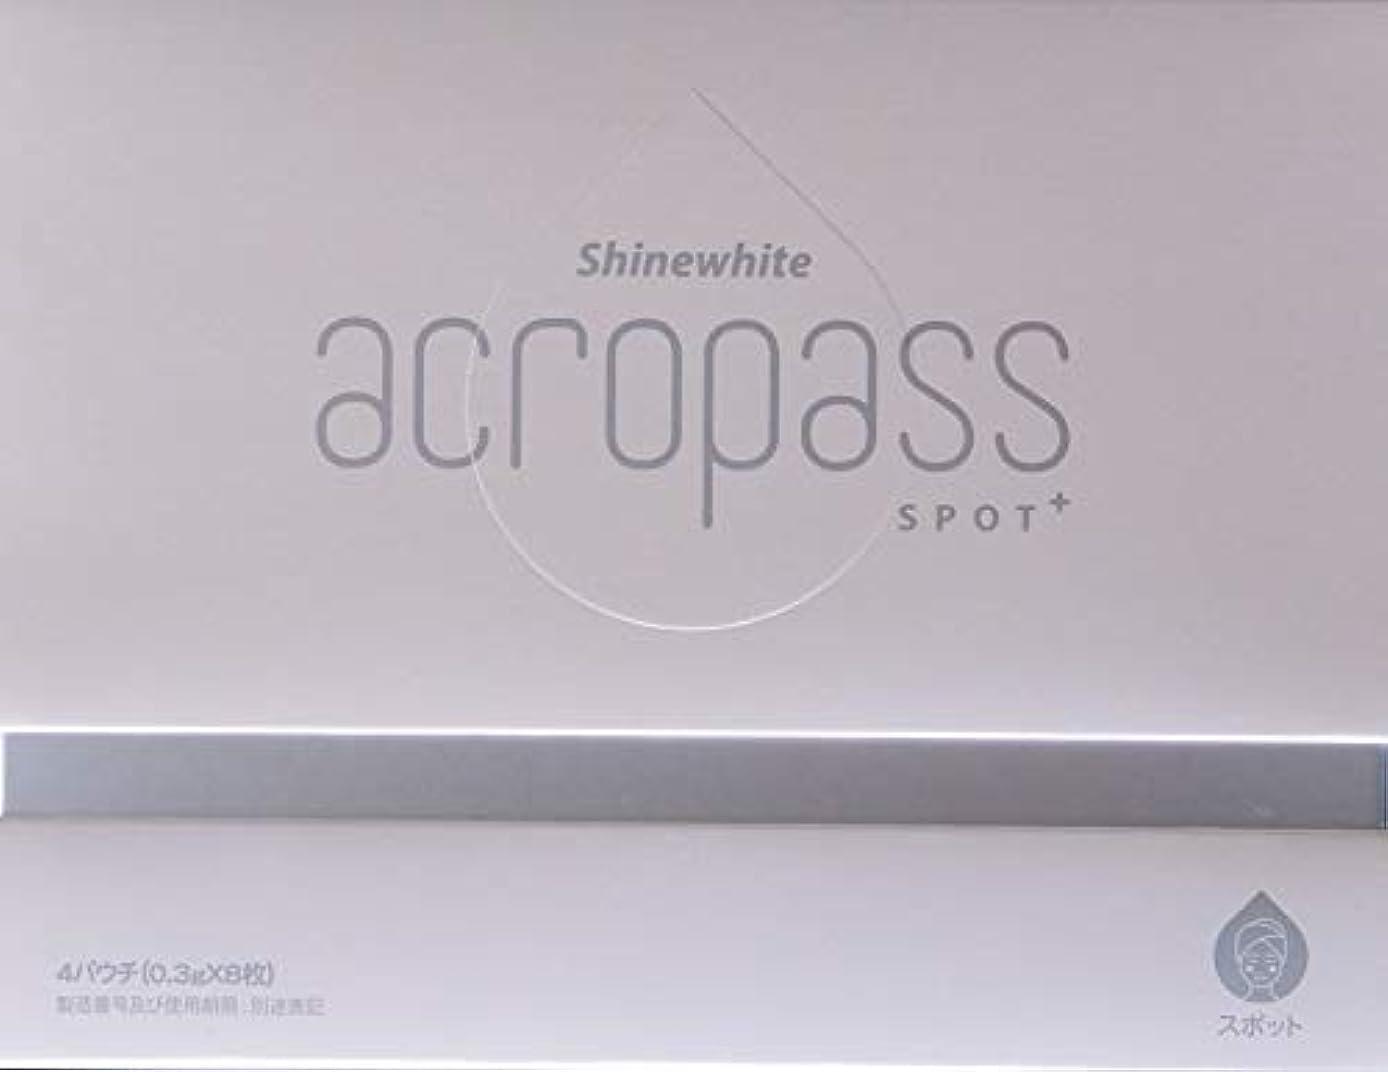 アクロパス スポットプラス 1箱:4パウチ(1パウチに2枚入り)【送料無料】美白効果をプラスしたアクロパス、ヒアルロン酸+4種の美白成分配合マイクロニードルパッチ